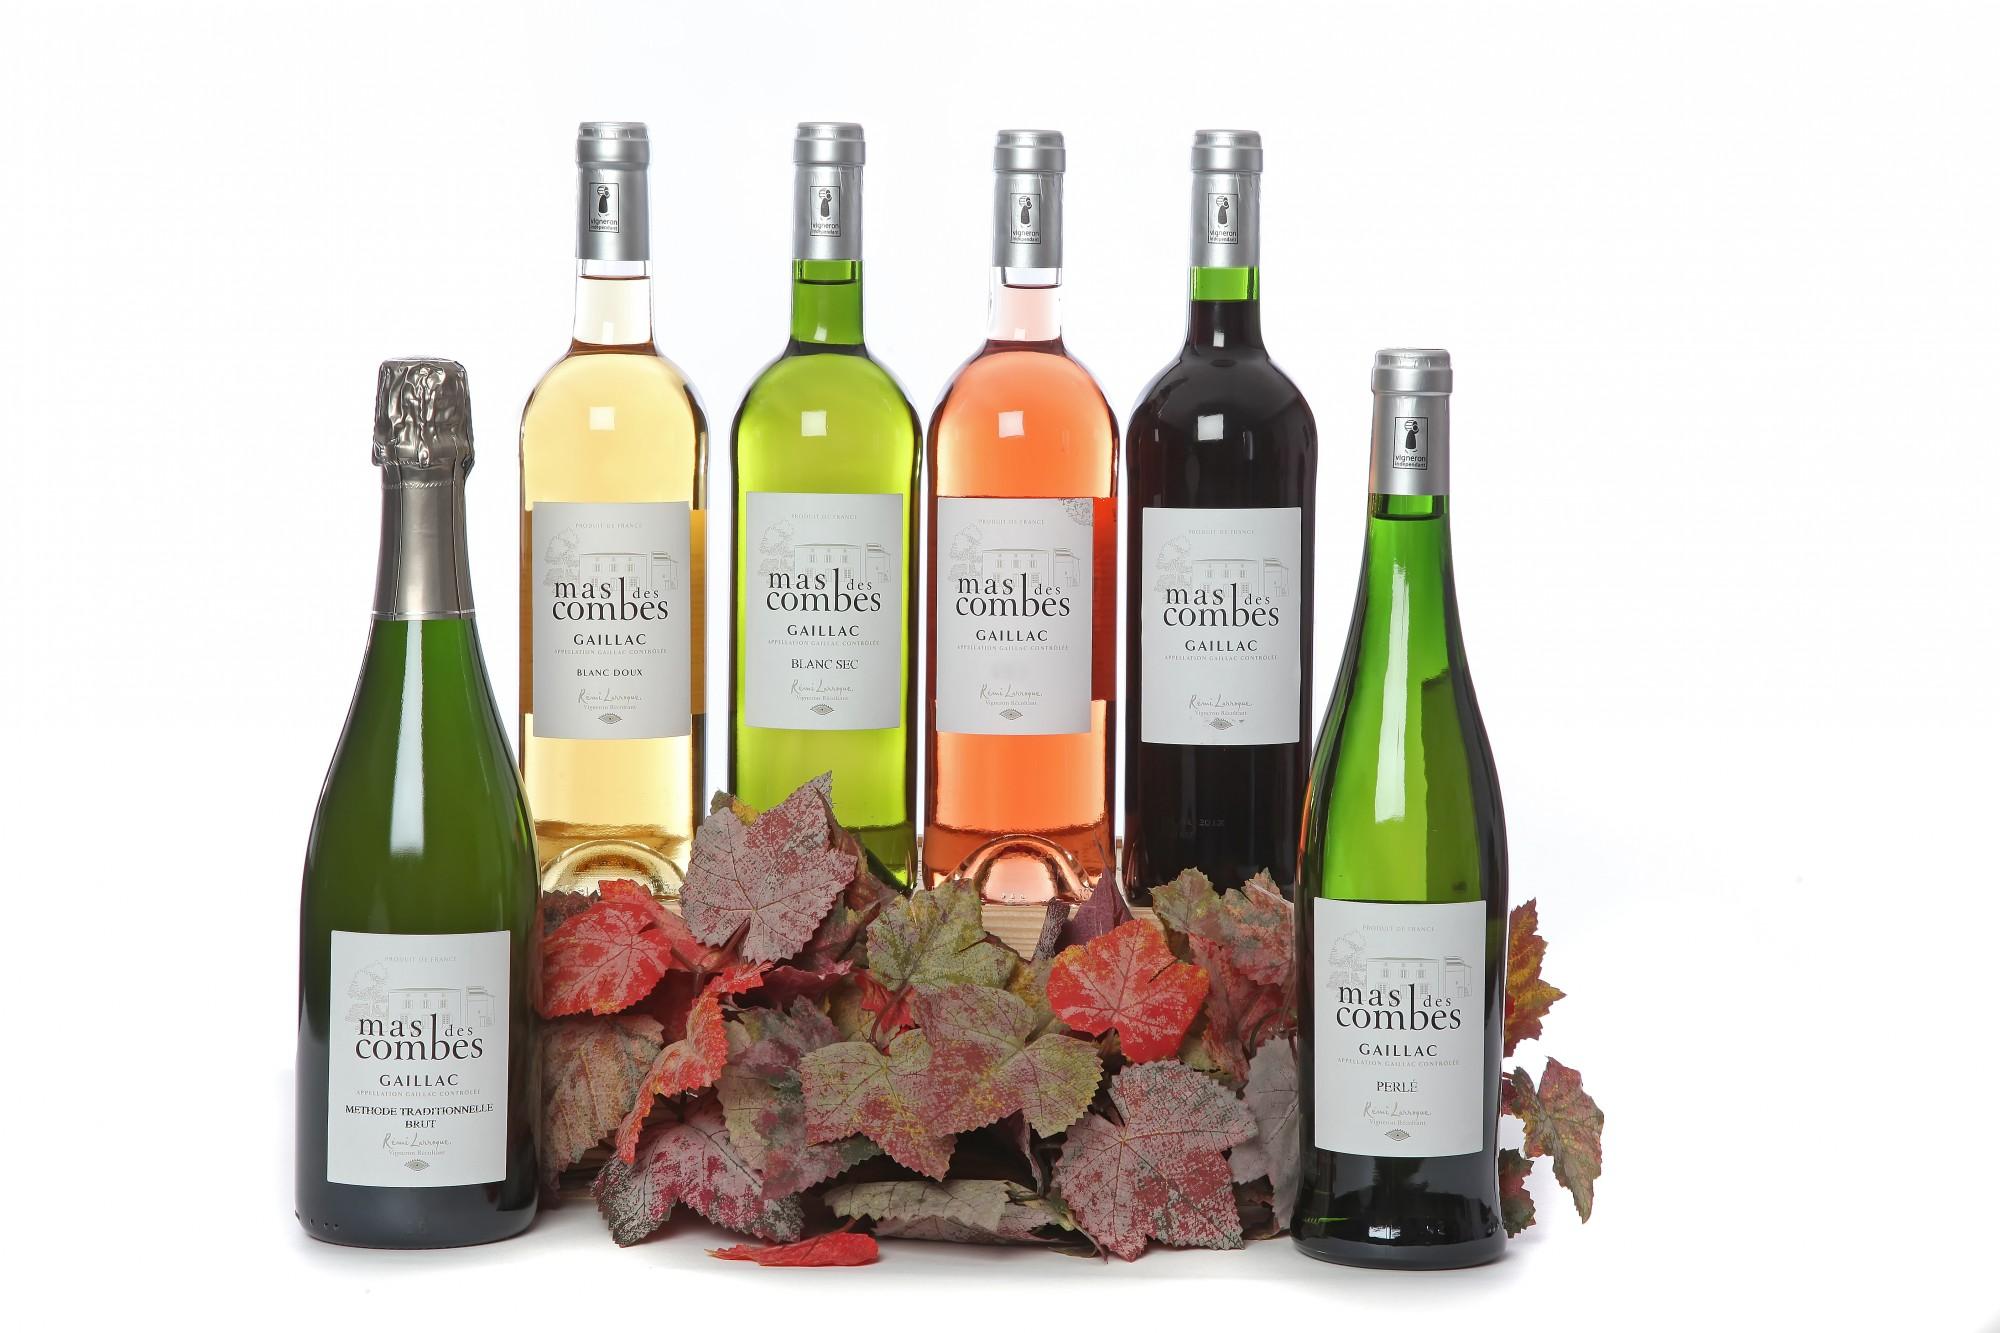 Les vins du Mas des Combes à Gaillac